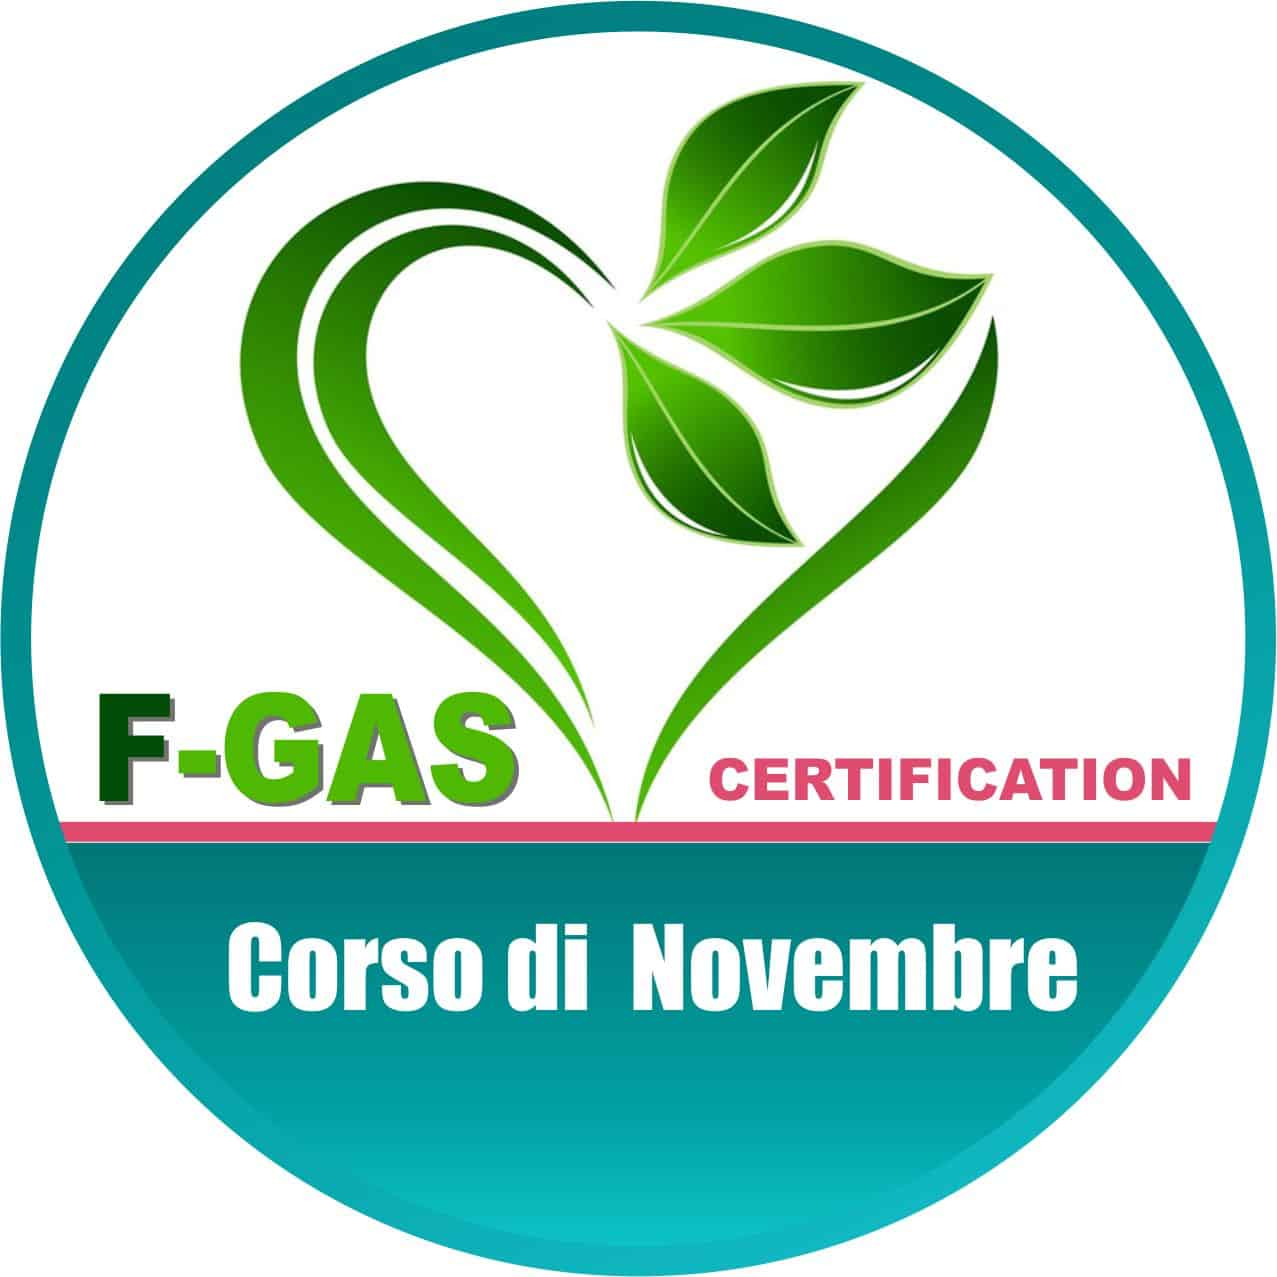 Il patentino F-GAS di Novembre   Elettrogruppo ZeroUno   Beinasco   TO   LOGO CORSO F GAS NOVEMBRE